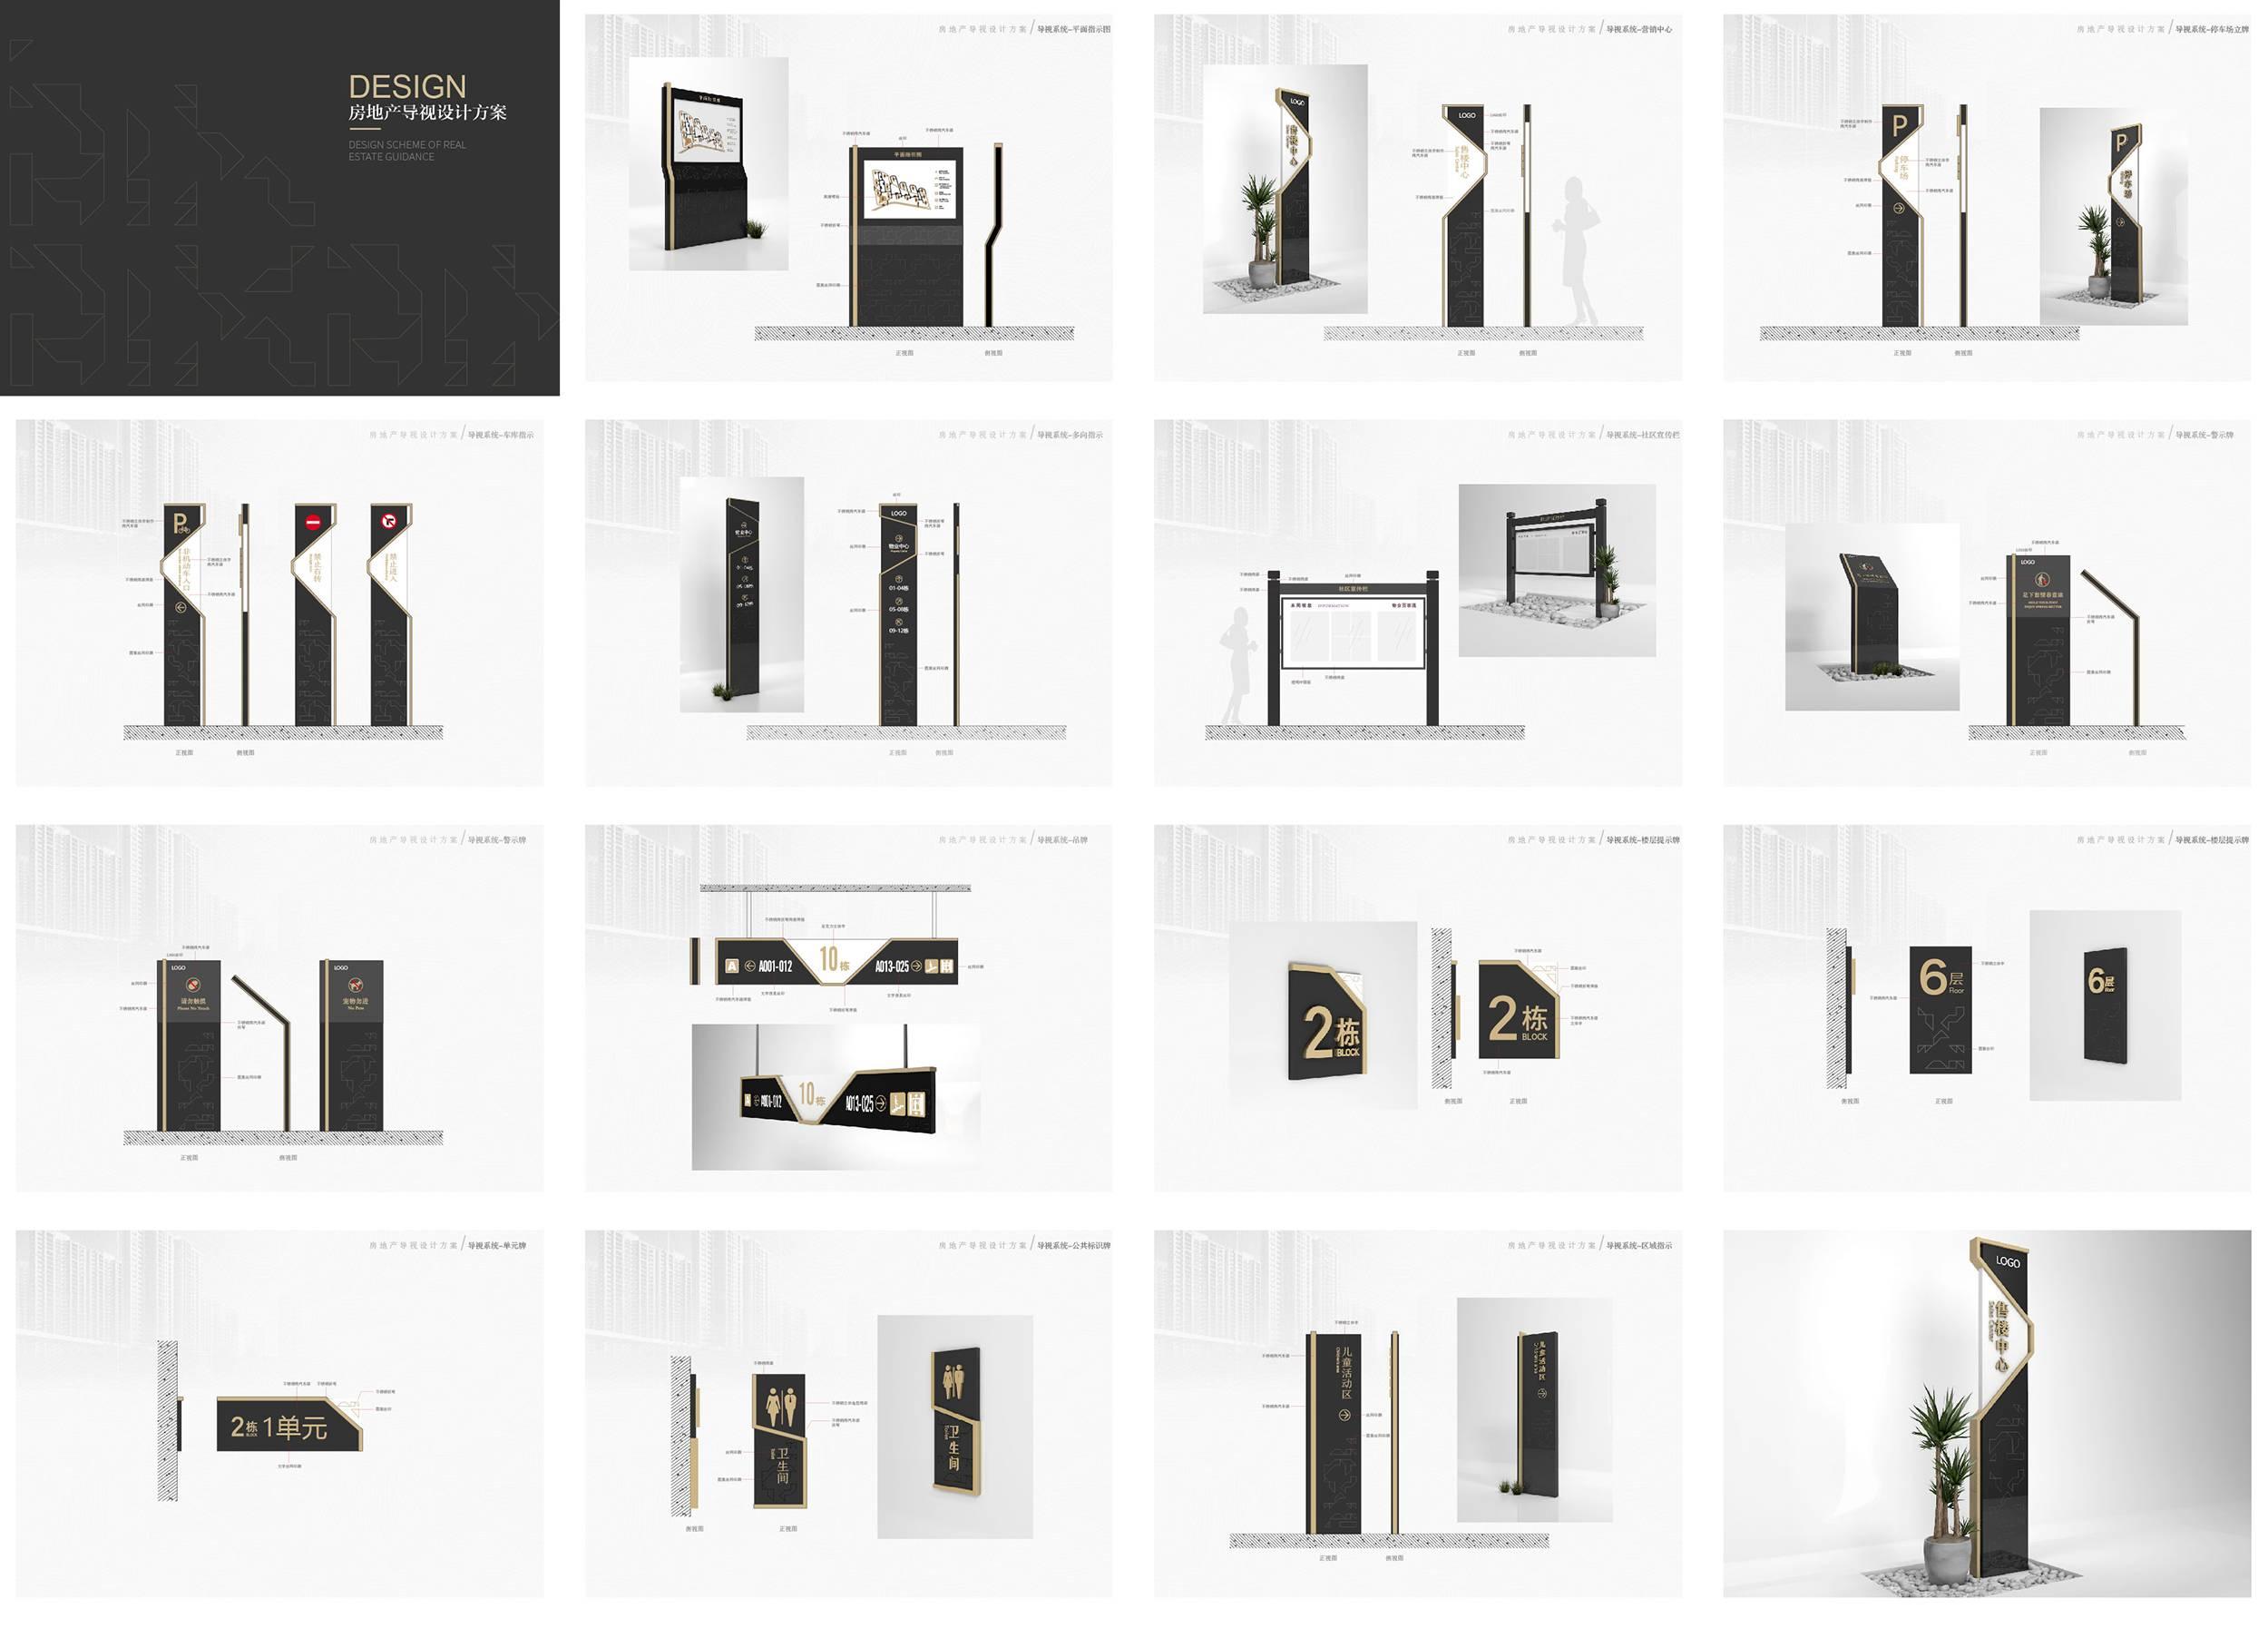 房地产小区全套导视设计方案